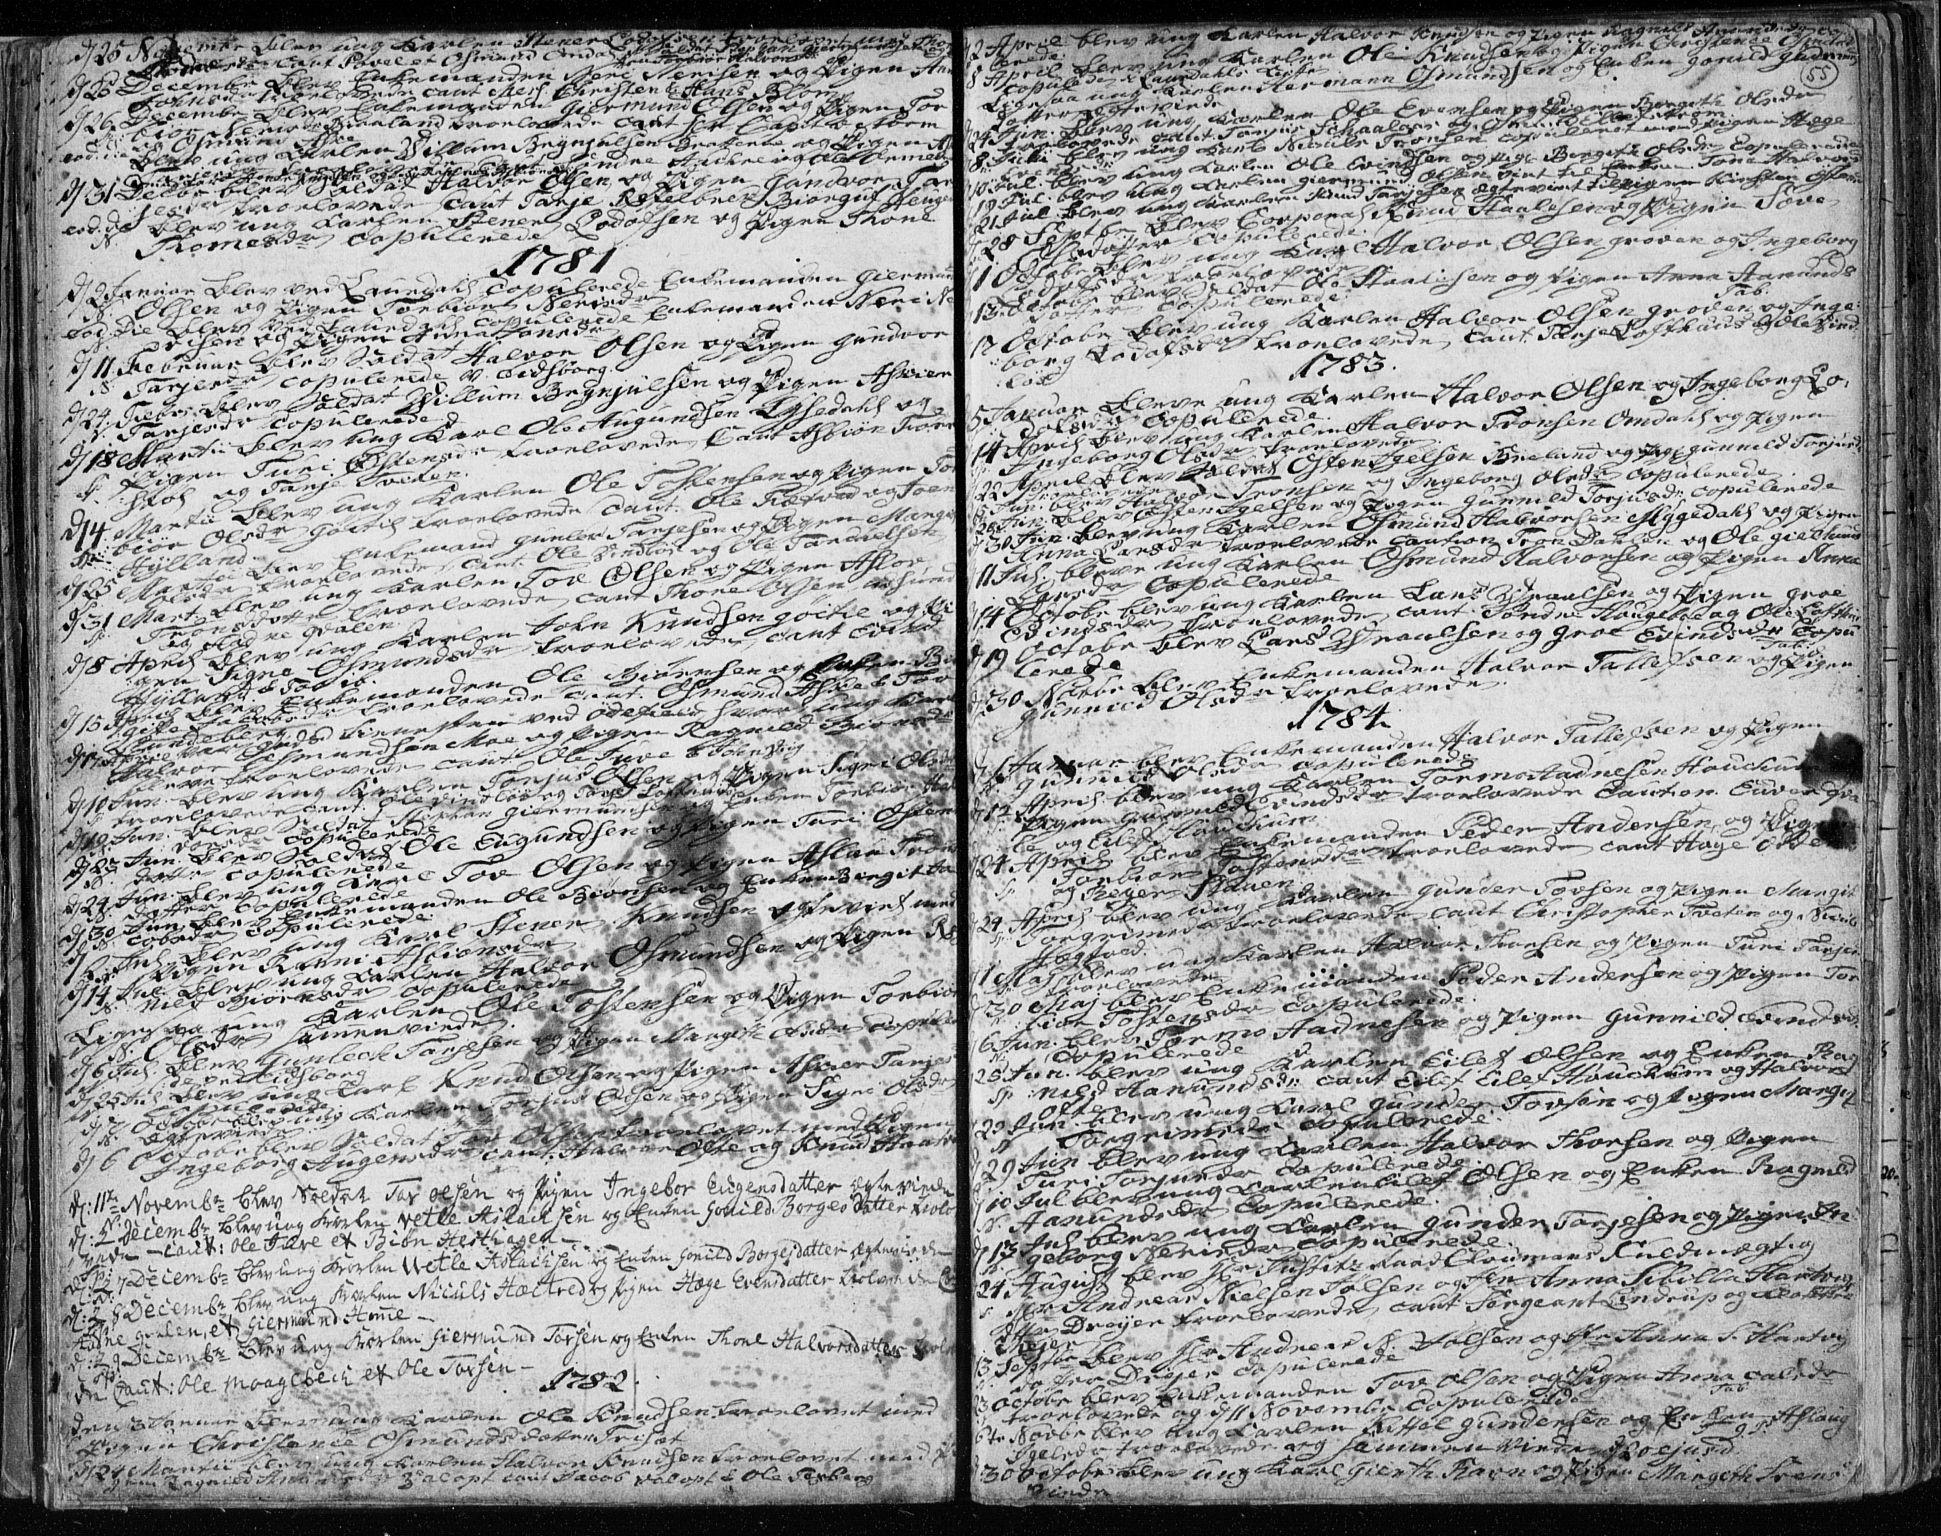 SAKO, Lårdal kirkebøker, F/Fa/L0003: Ministerialbok nr. I 3, 1754-1790, s. 55